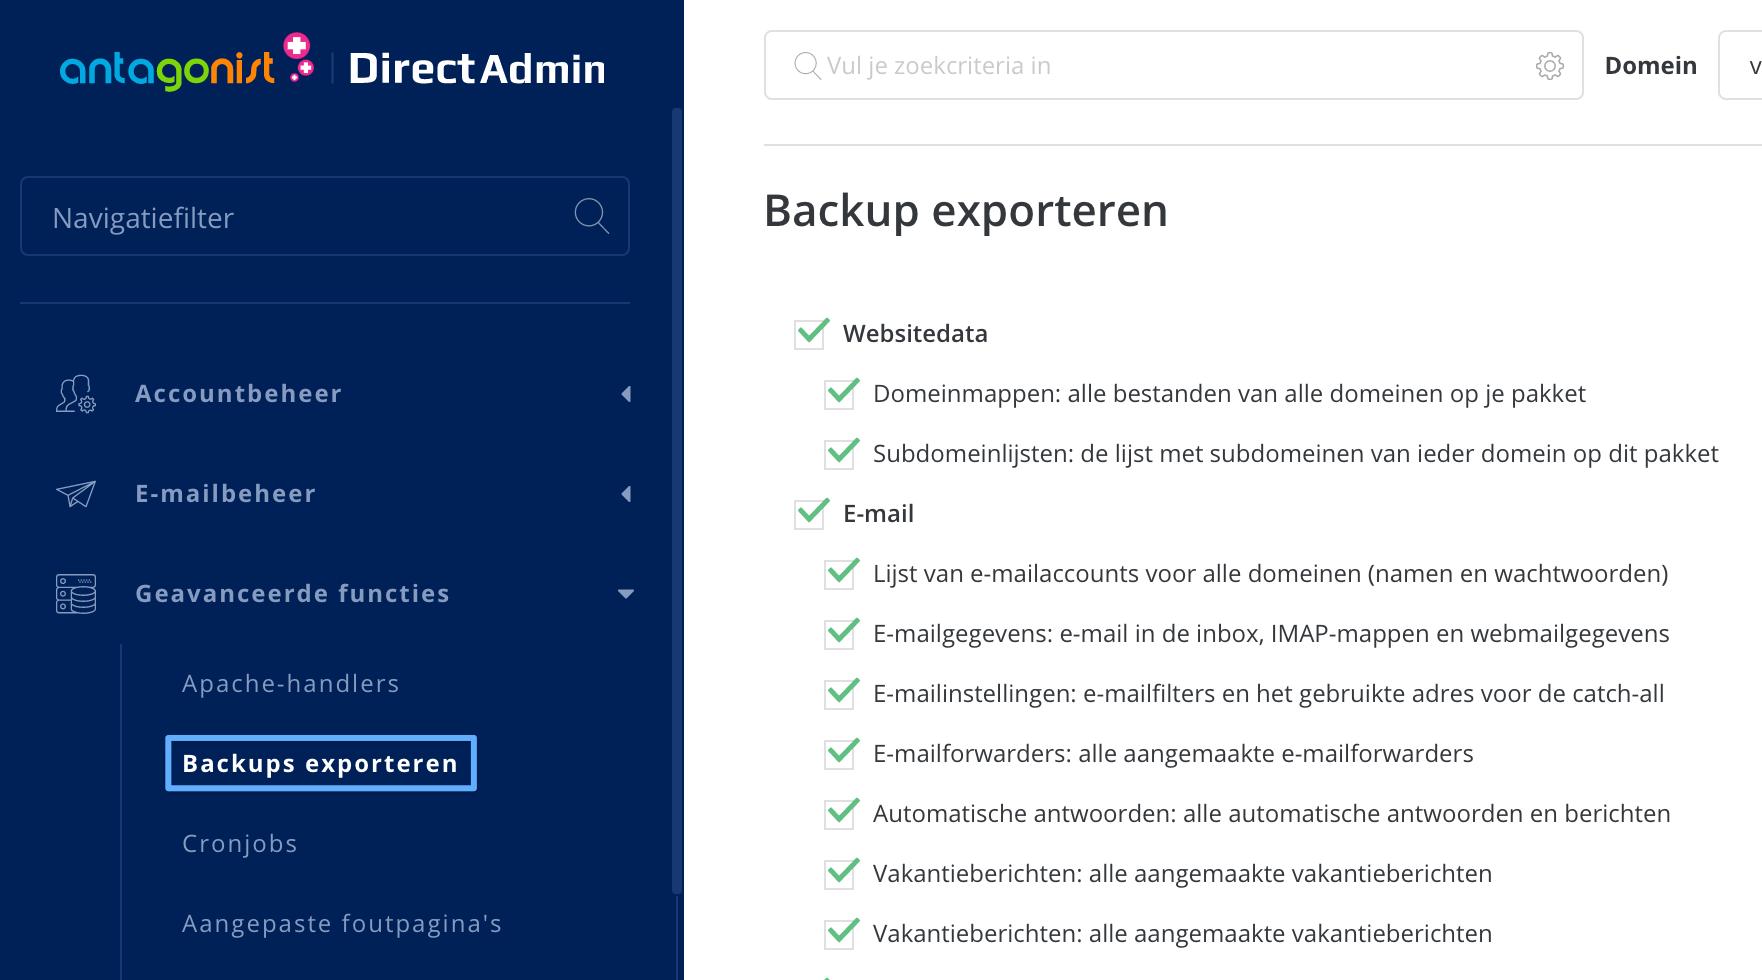 Backups exporteren in DirectAdmin.